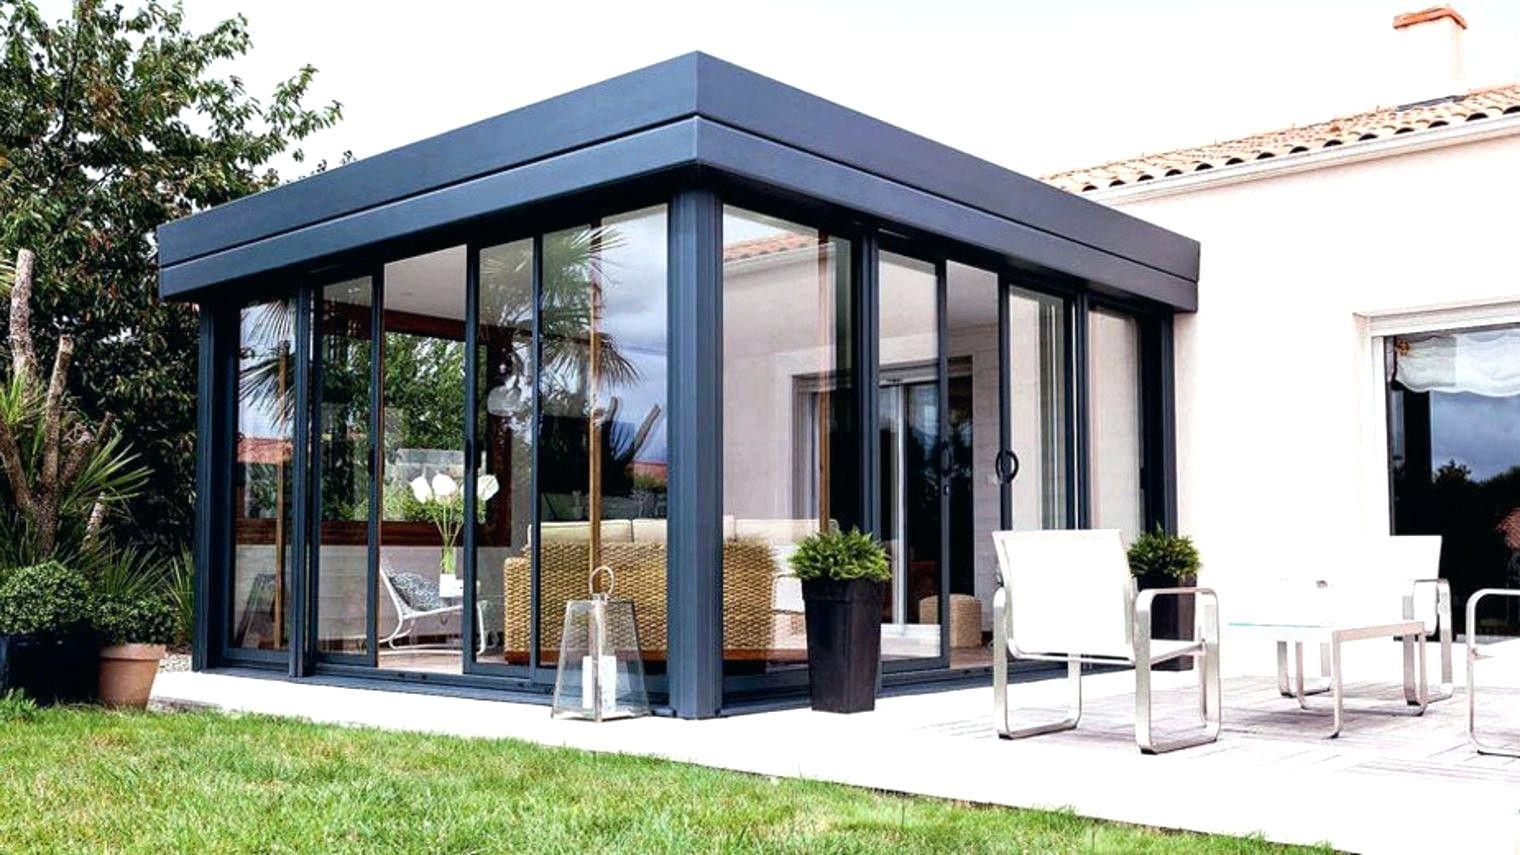 Kit Extension Bois 30M2 | Veranda Bioclimatique, Véranda ... pour Prix Extension Maison 20M2